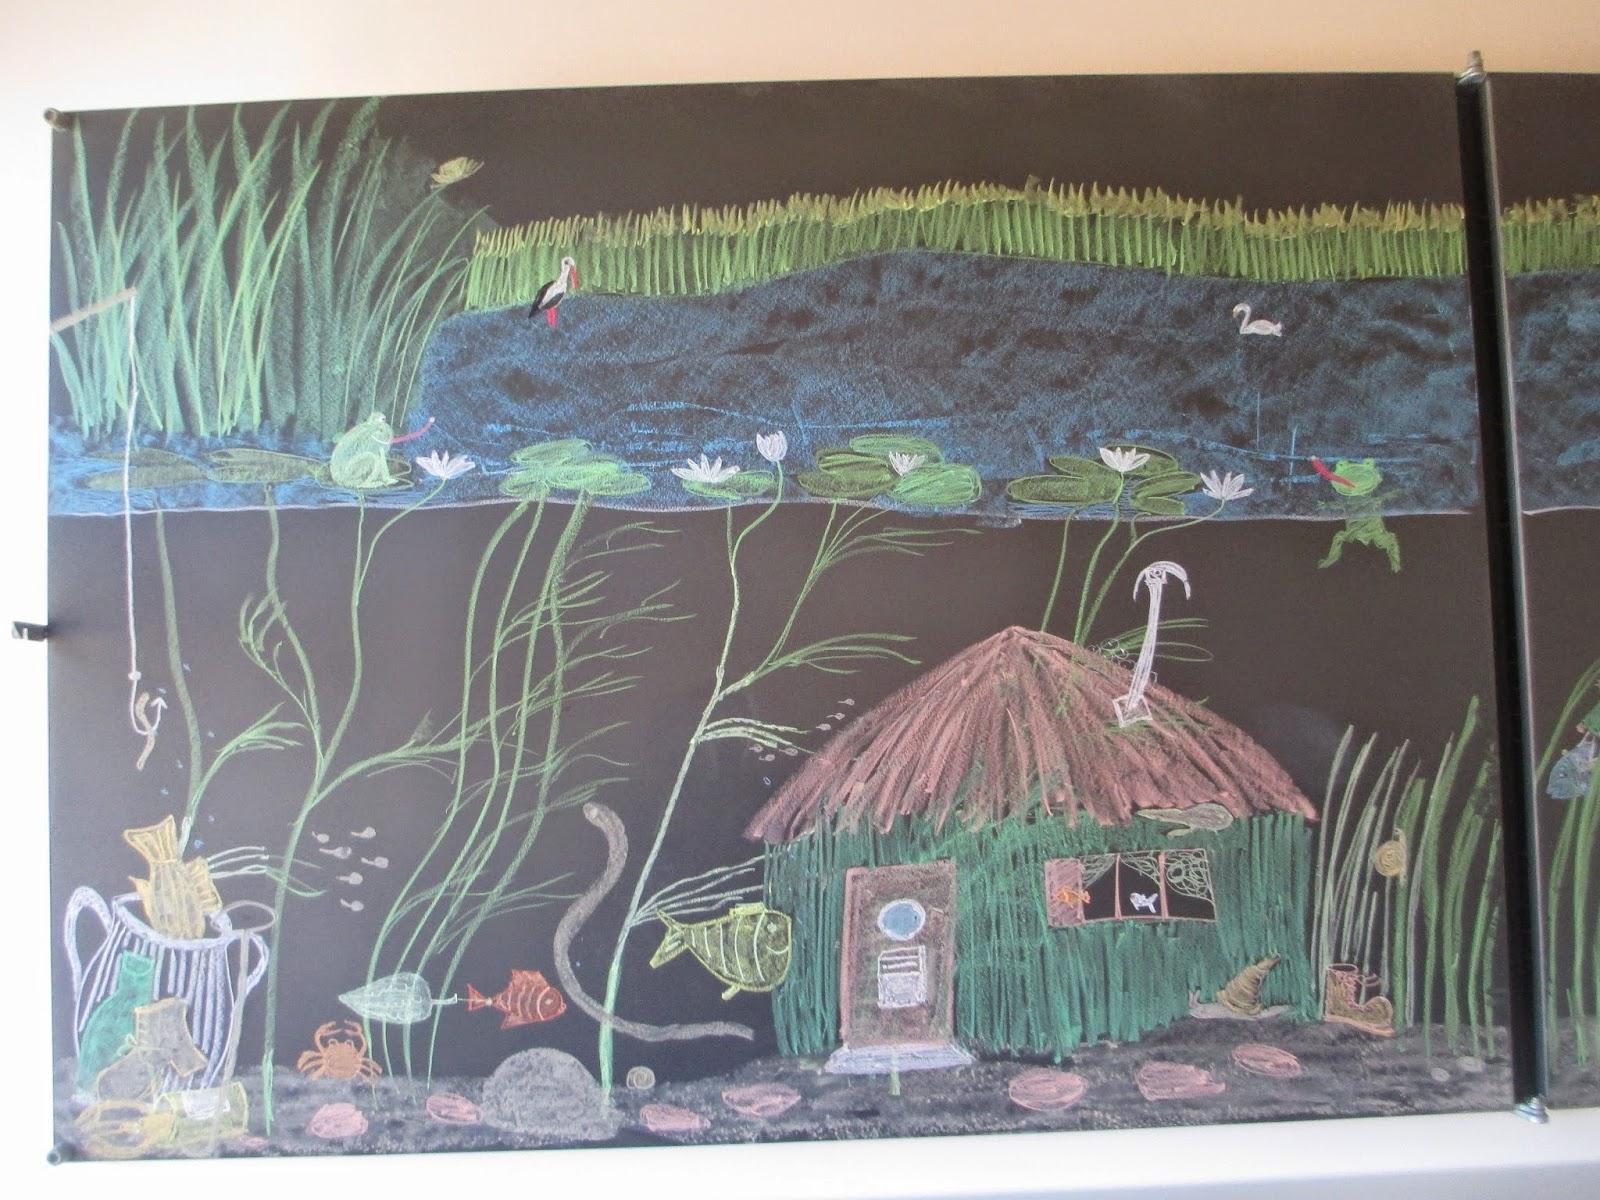 Teich und seine Bewohner